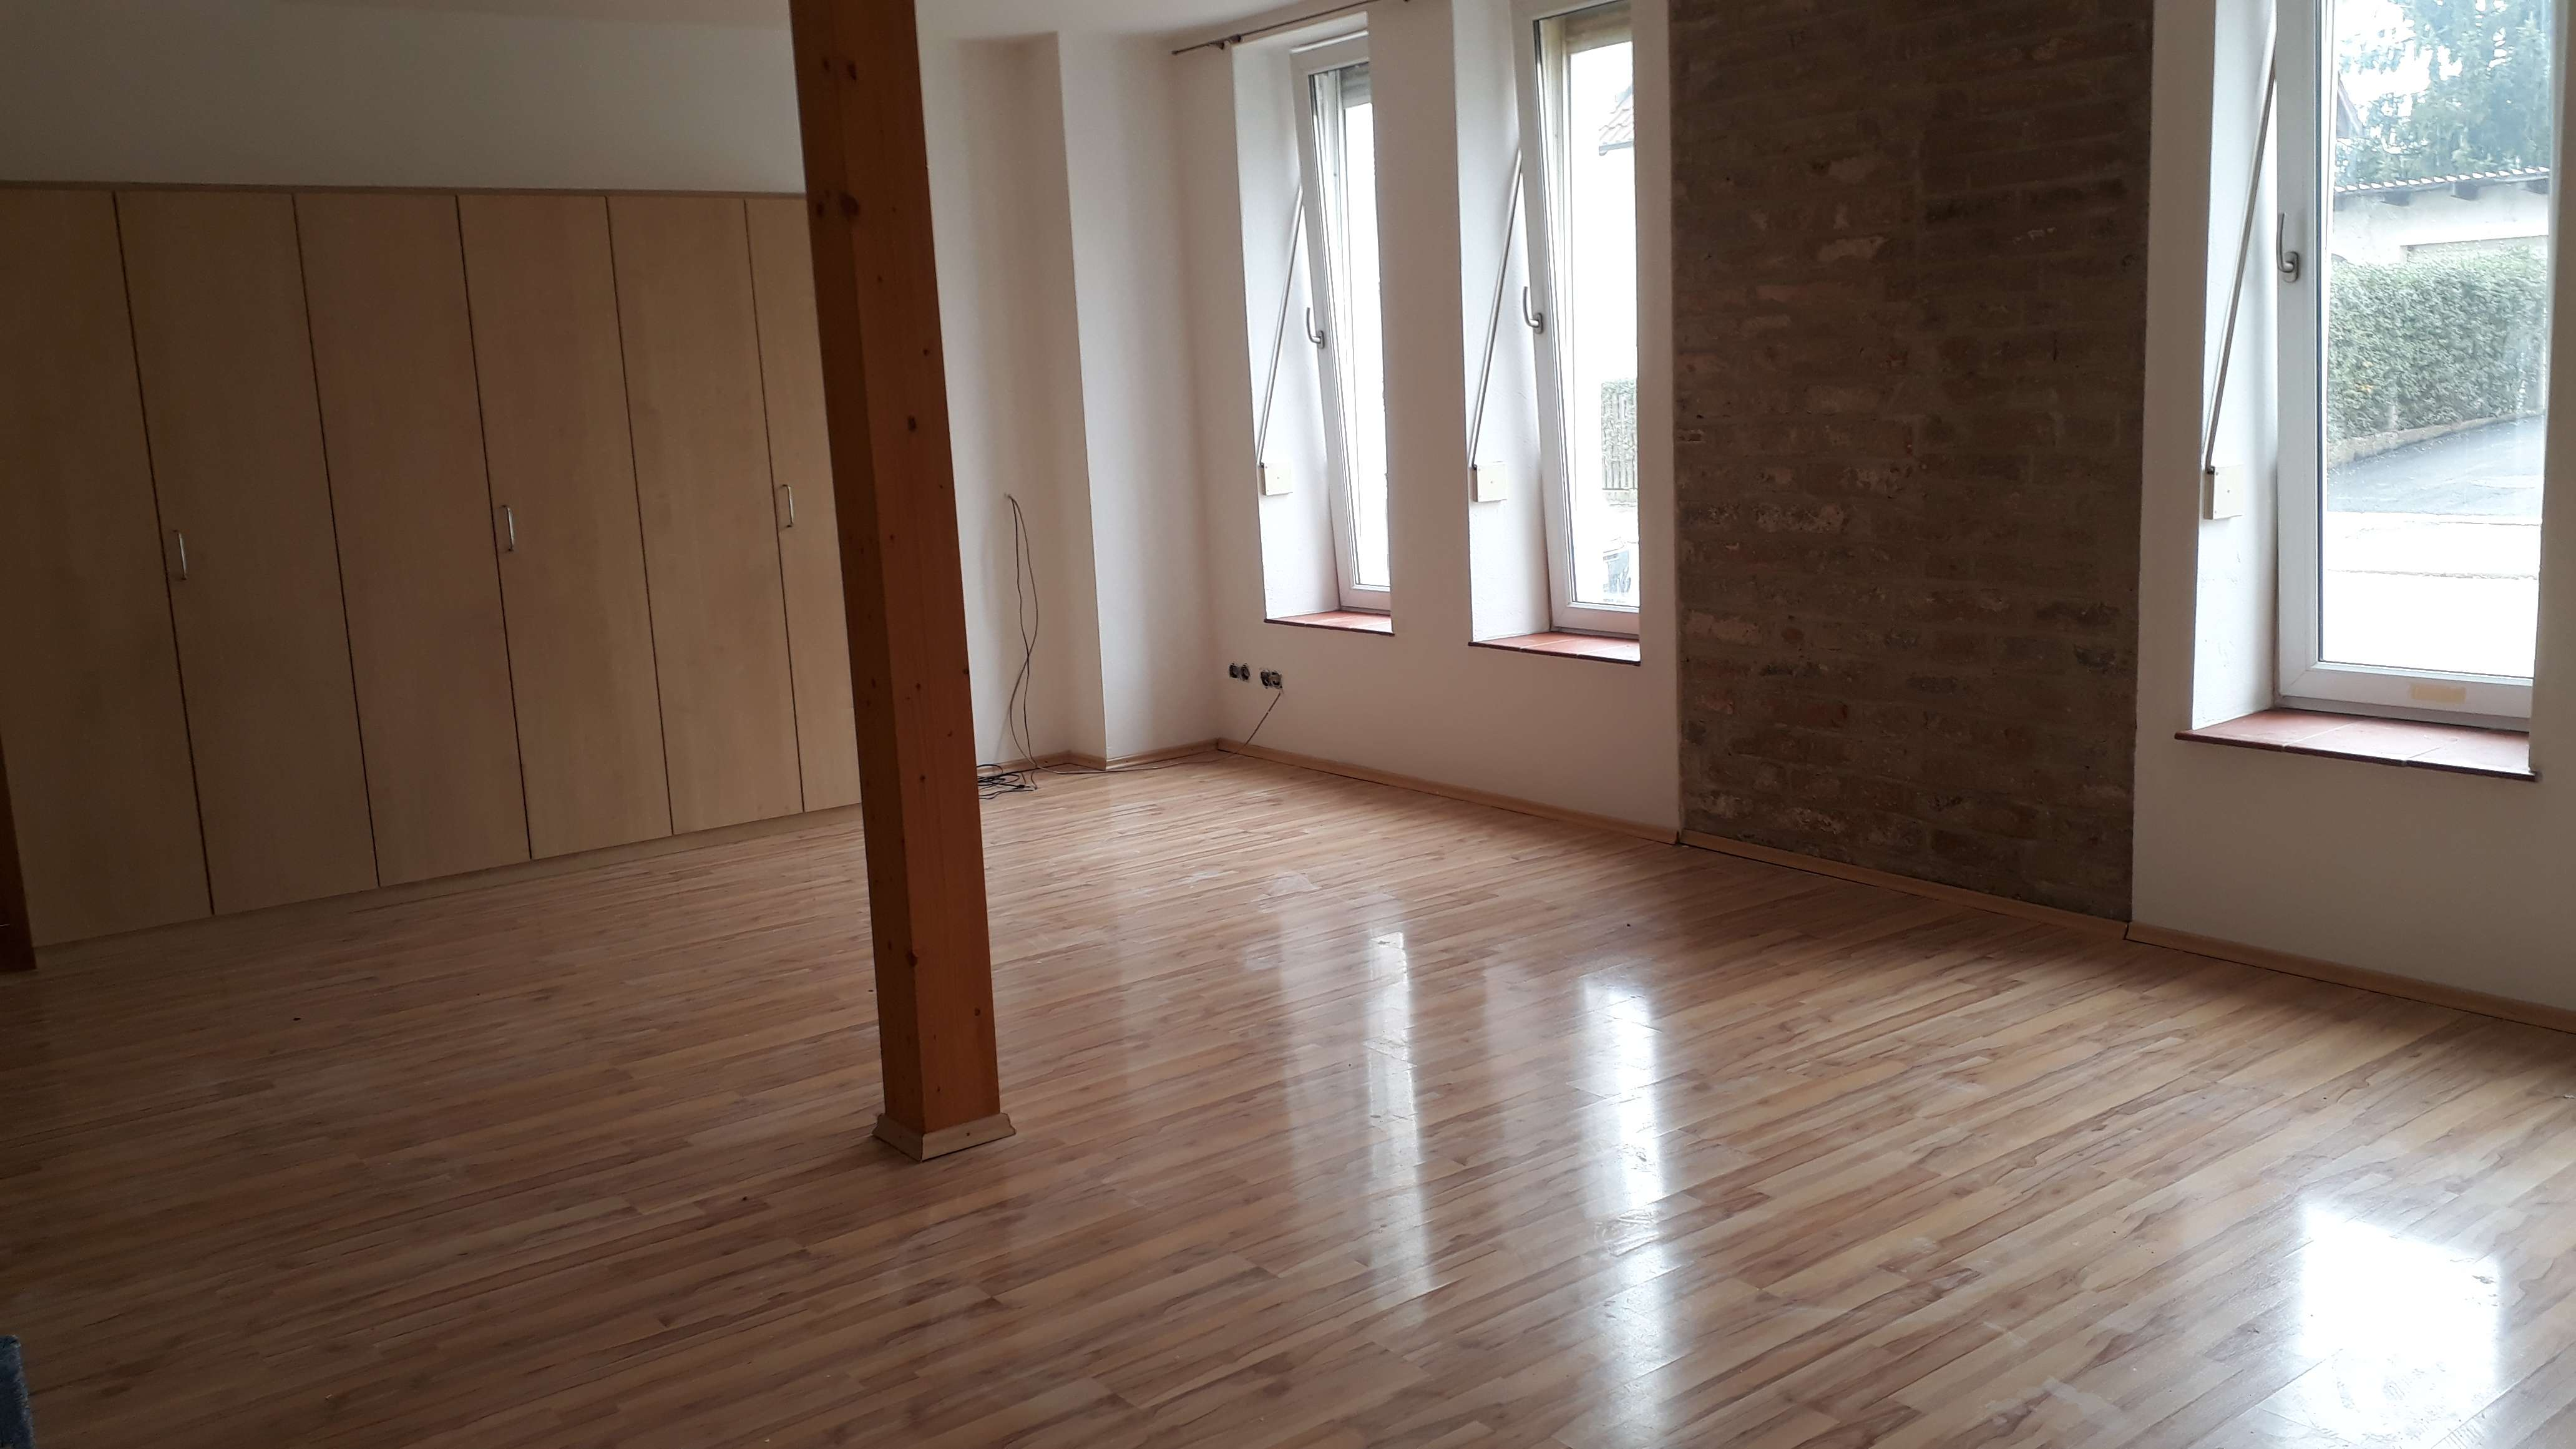 Schöne 2-Zimmer-Erdgeschosswohnung in Straubing, Nähe Klinikum u. TUM in Kernstadt (Straubing)